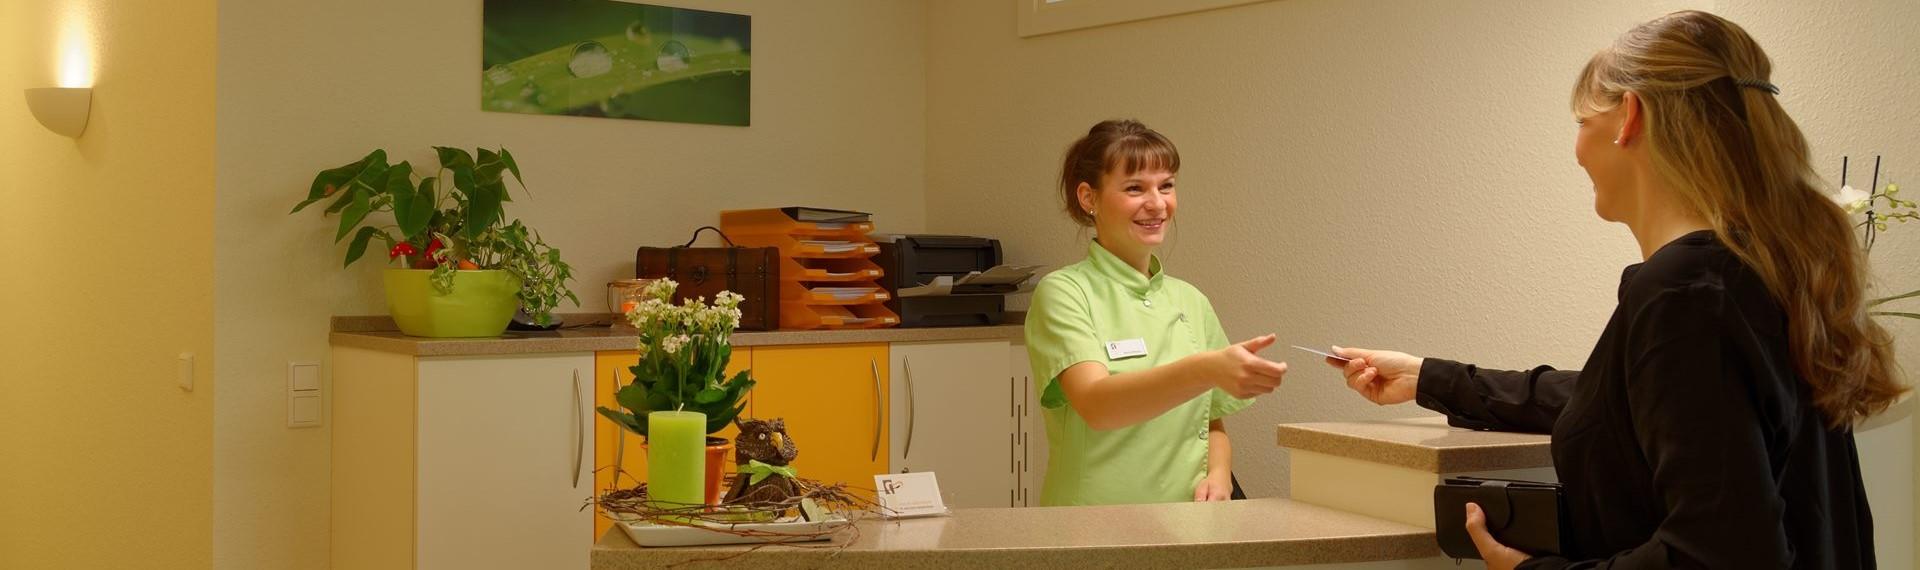 Willkommen in der Zahnarztpraxis Dr. Melanie Kleyer in Wildau